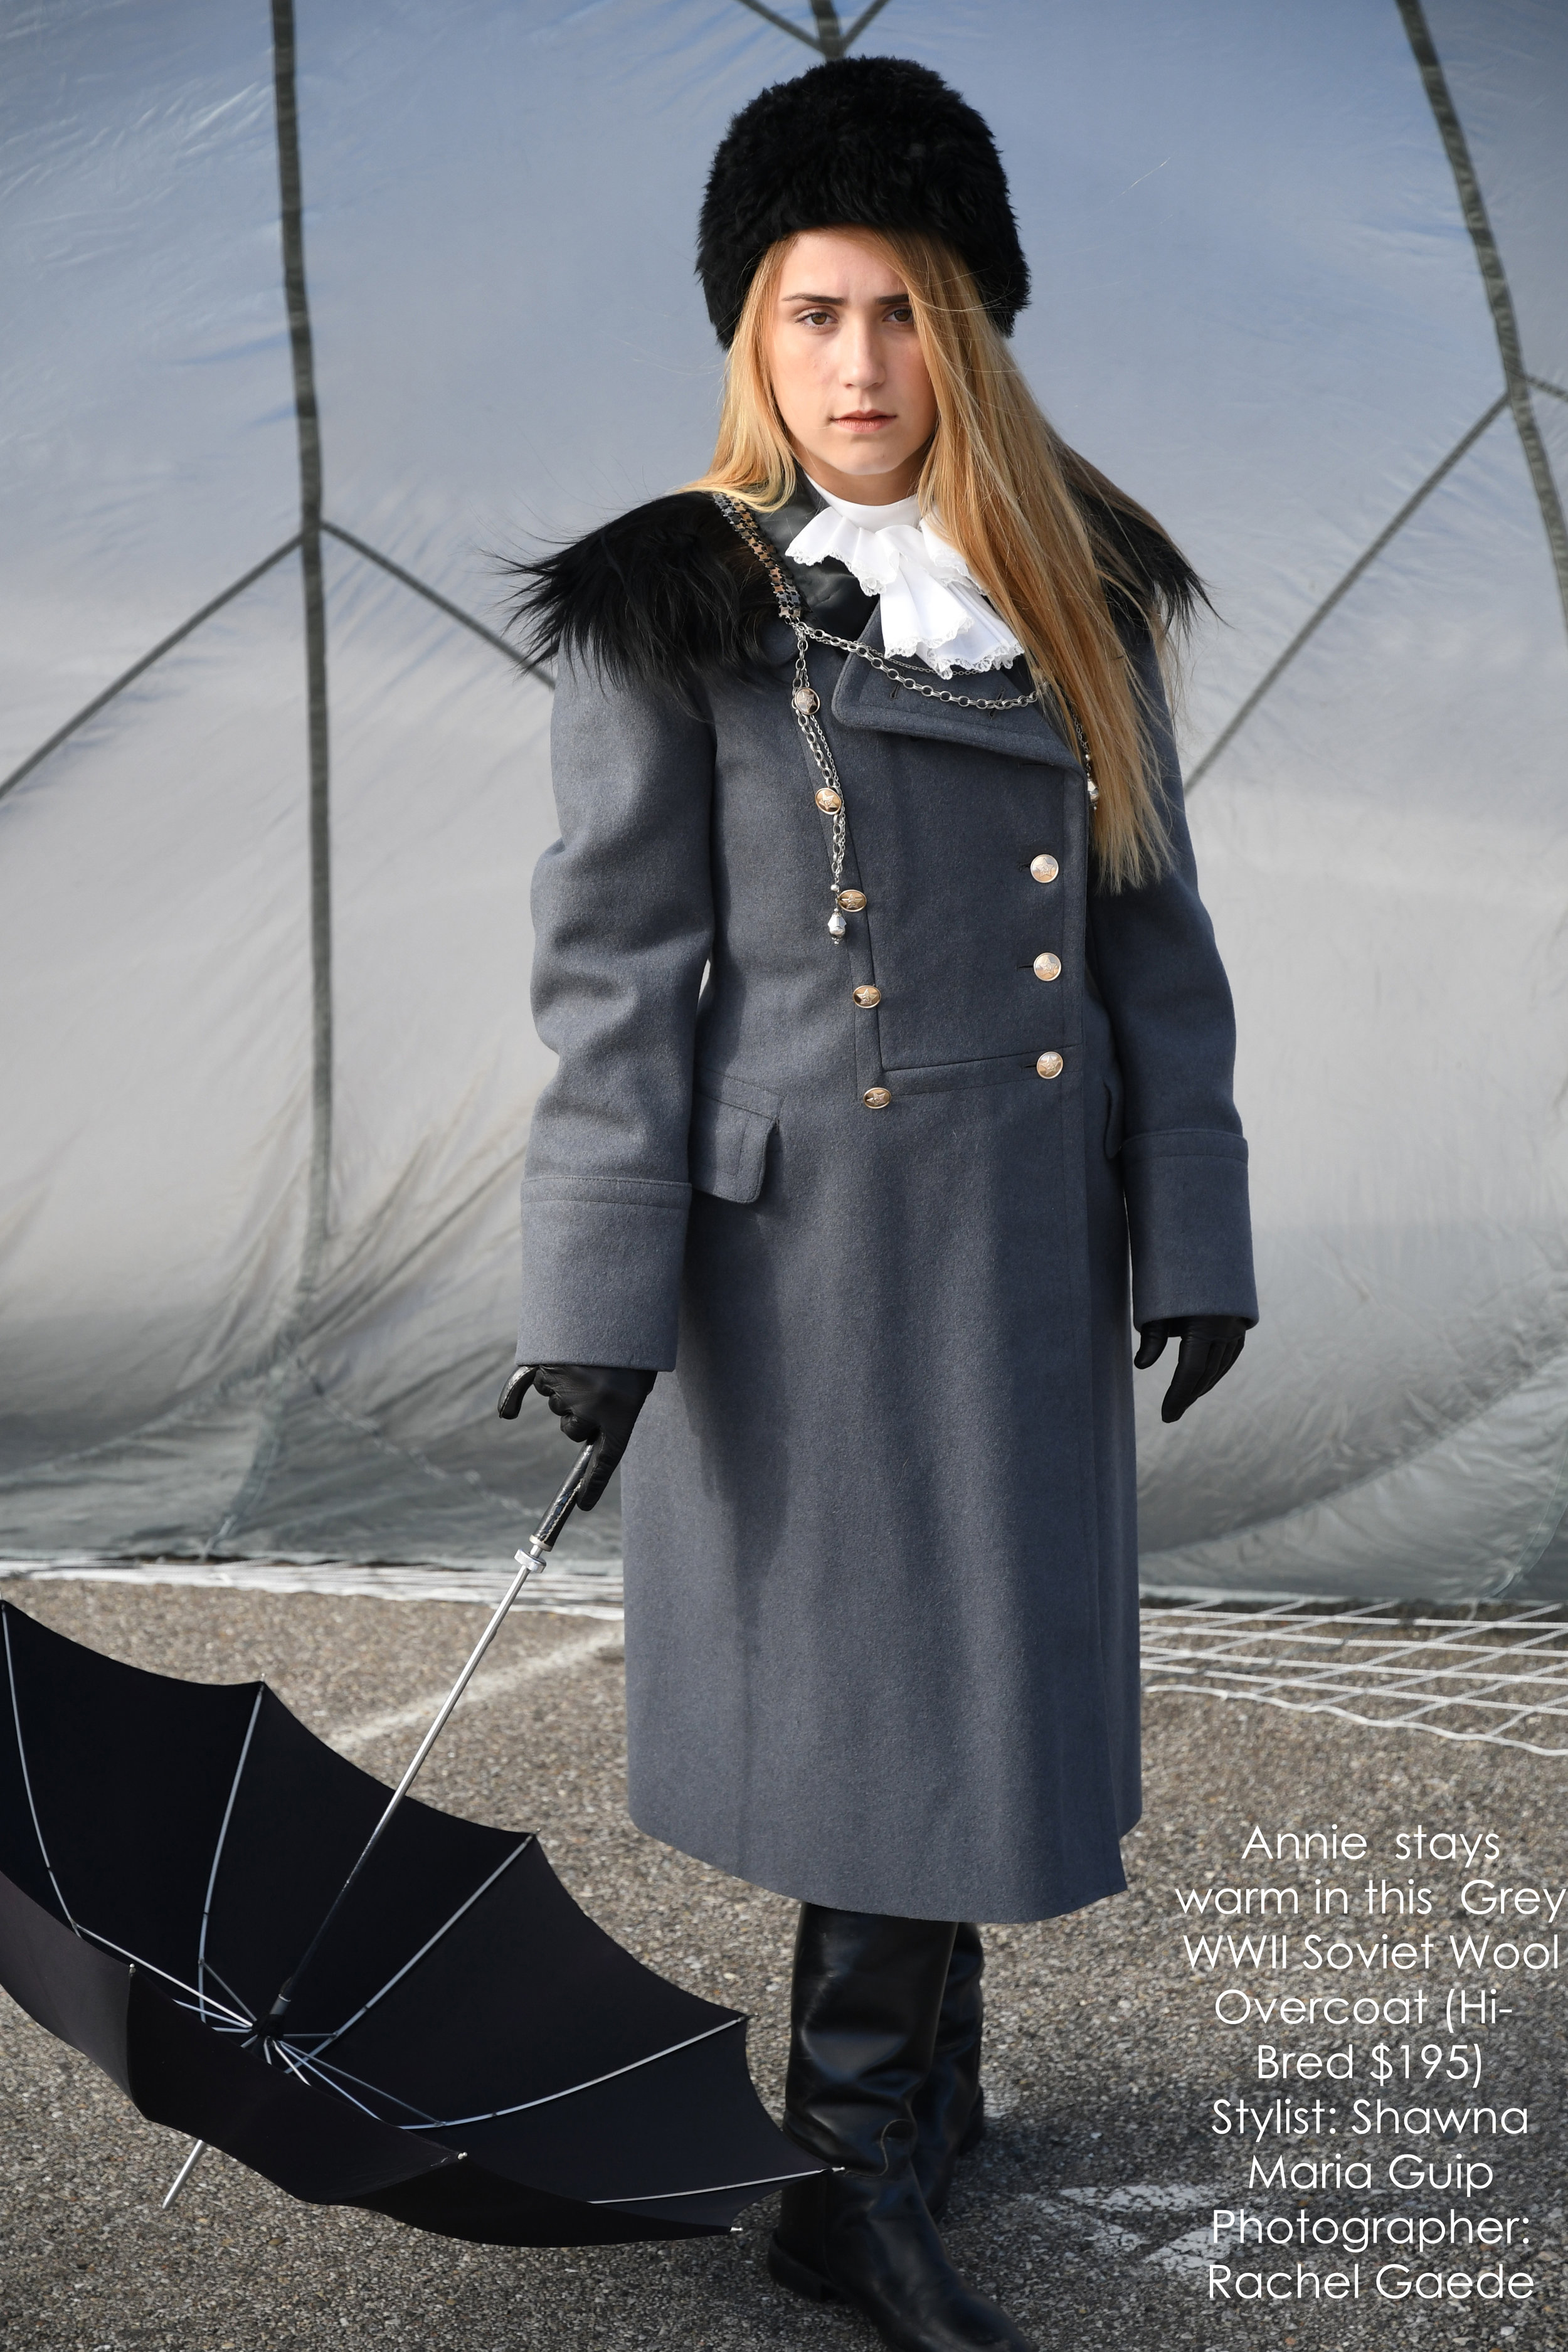 Annie military4.jpg